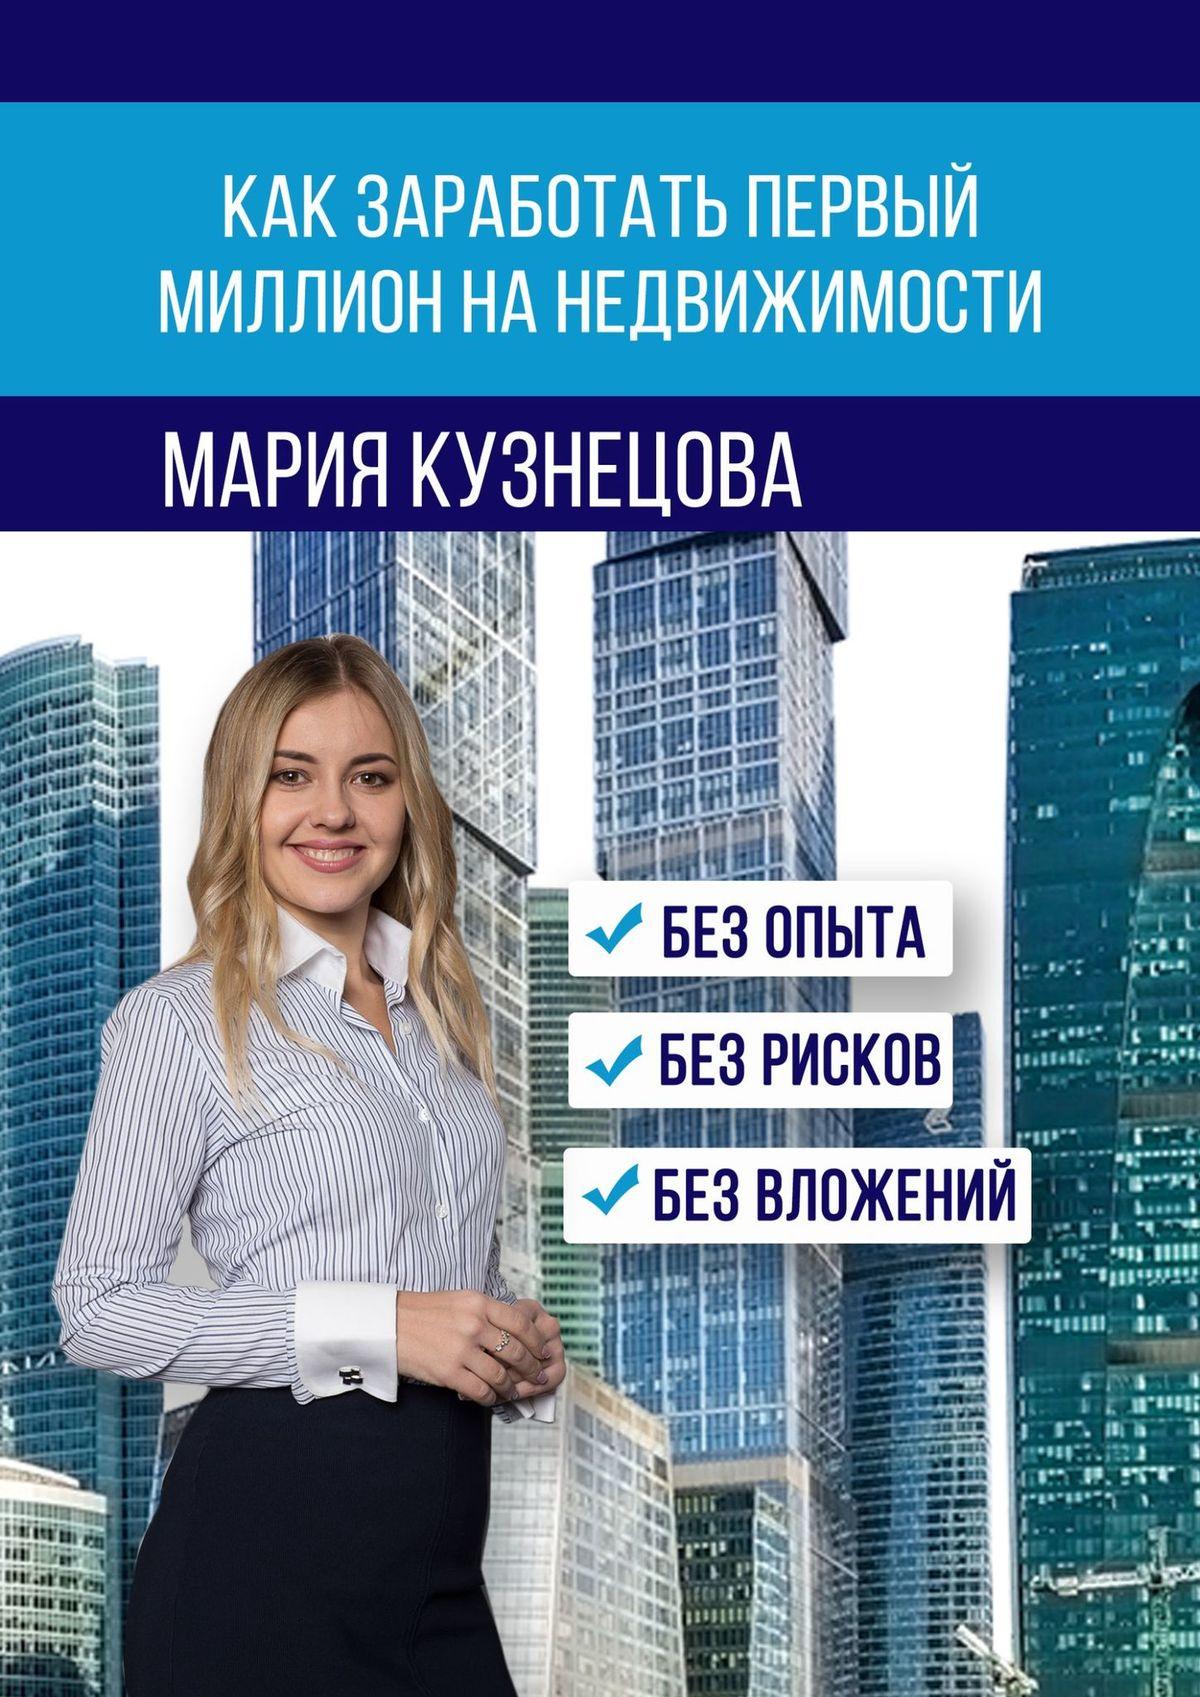 Мария Кузнецова Как заработать первый миллион на недвижимости первый бутик недвижимости